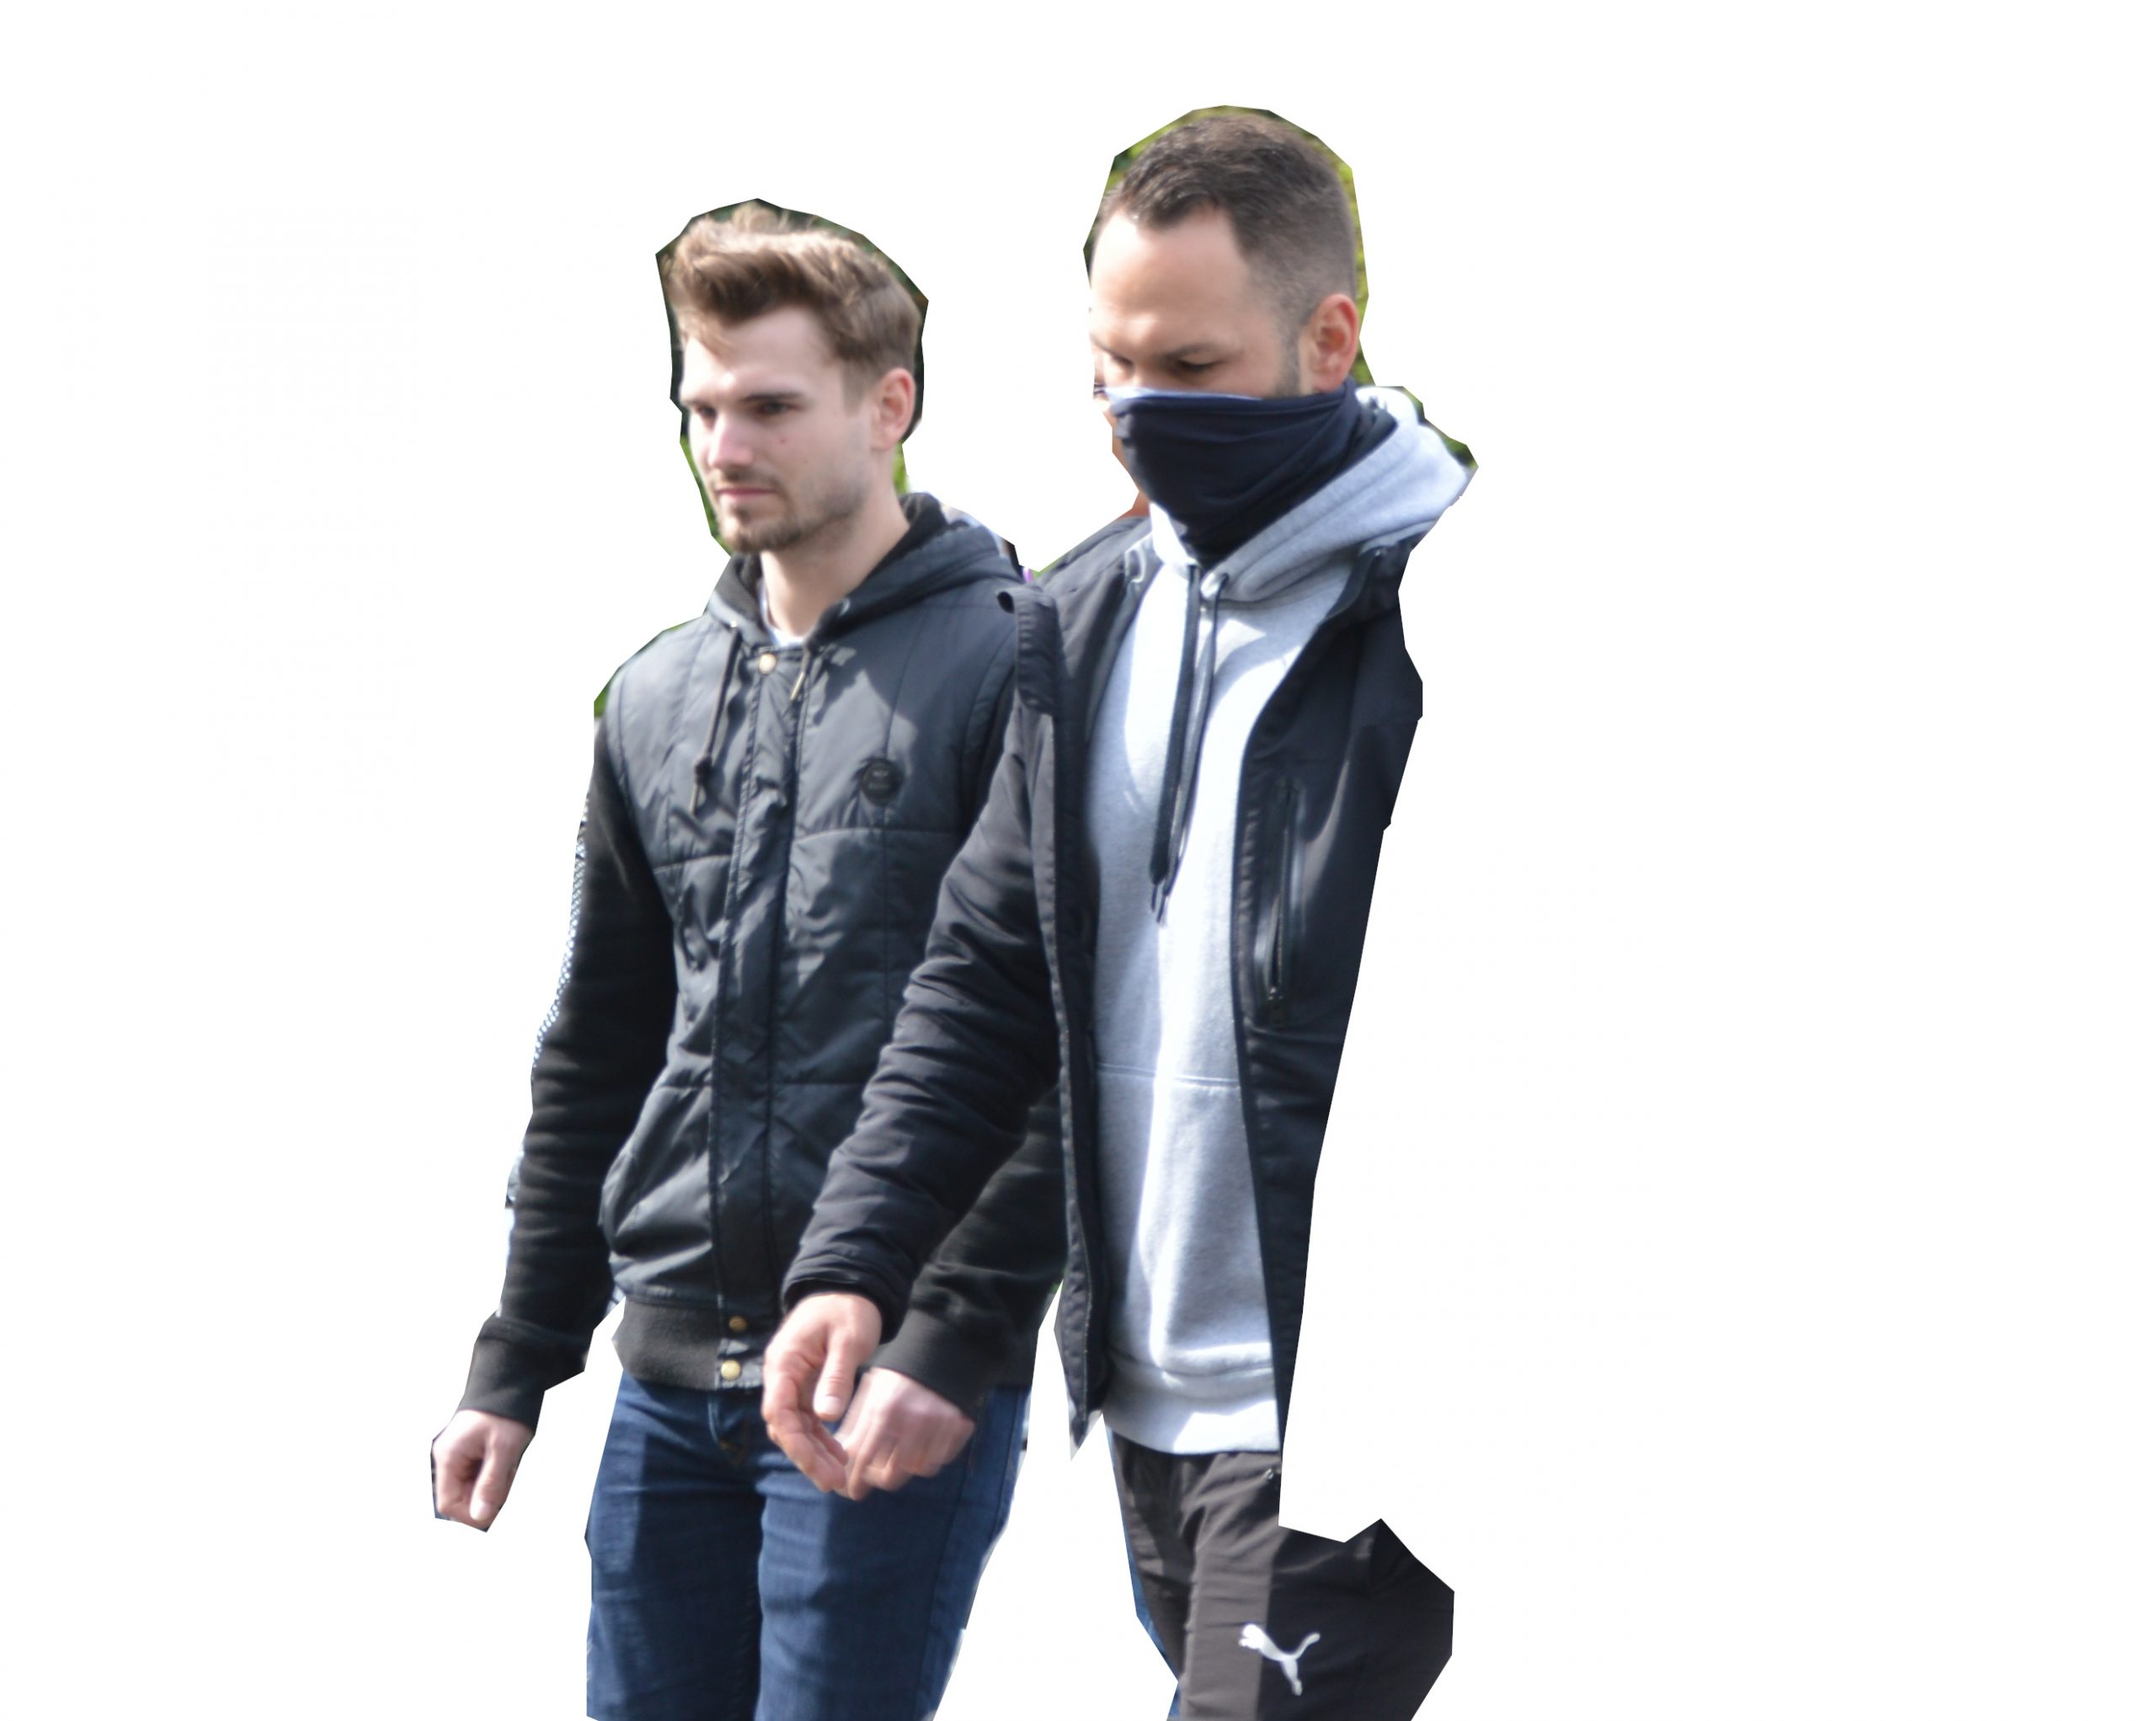 2 Männer laufen nebeneinander, einer mit grauem Kapuzenpulli und Schlauchchal, der andere mit schwarzer Jacke.